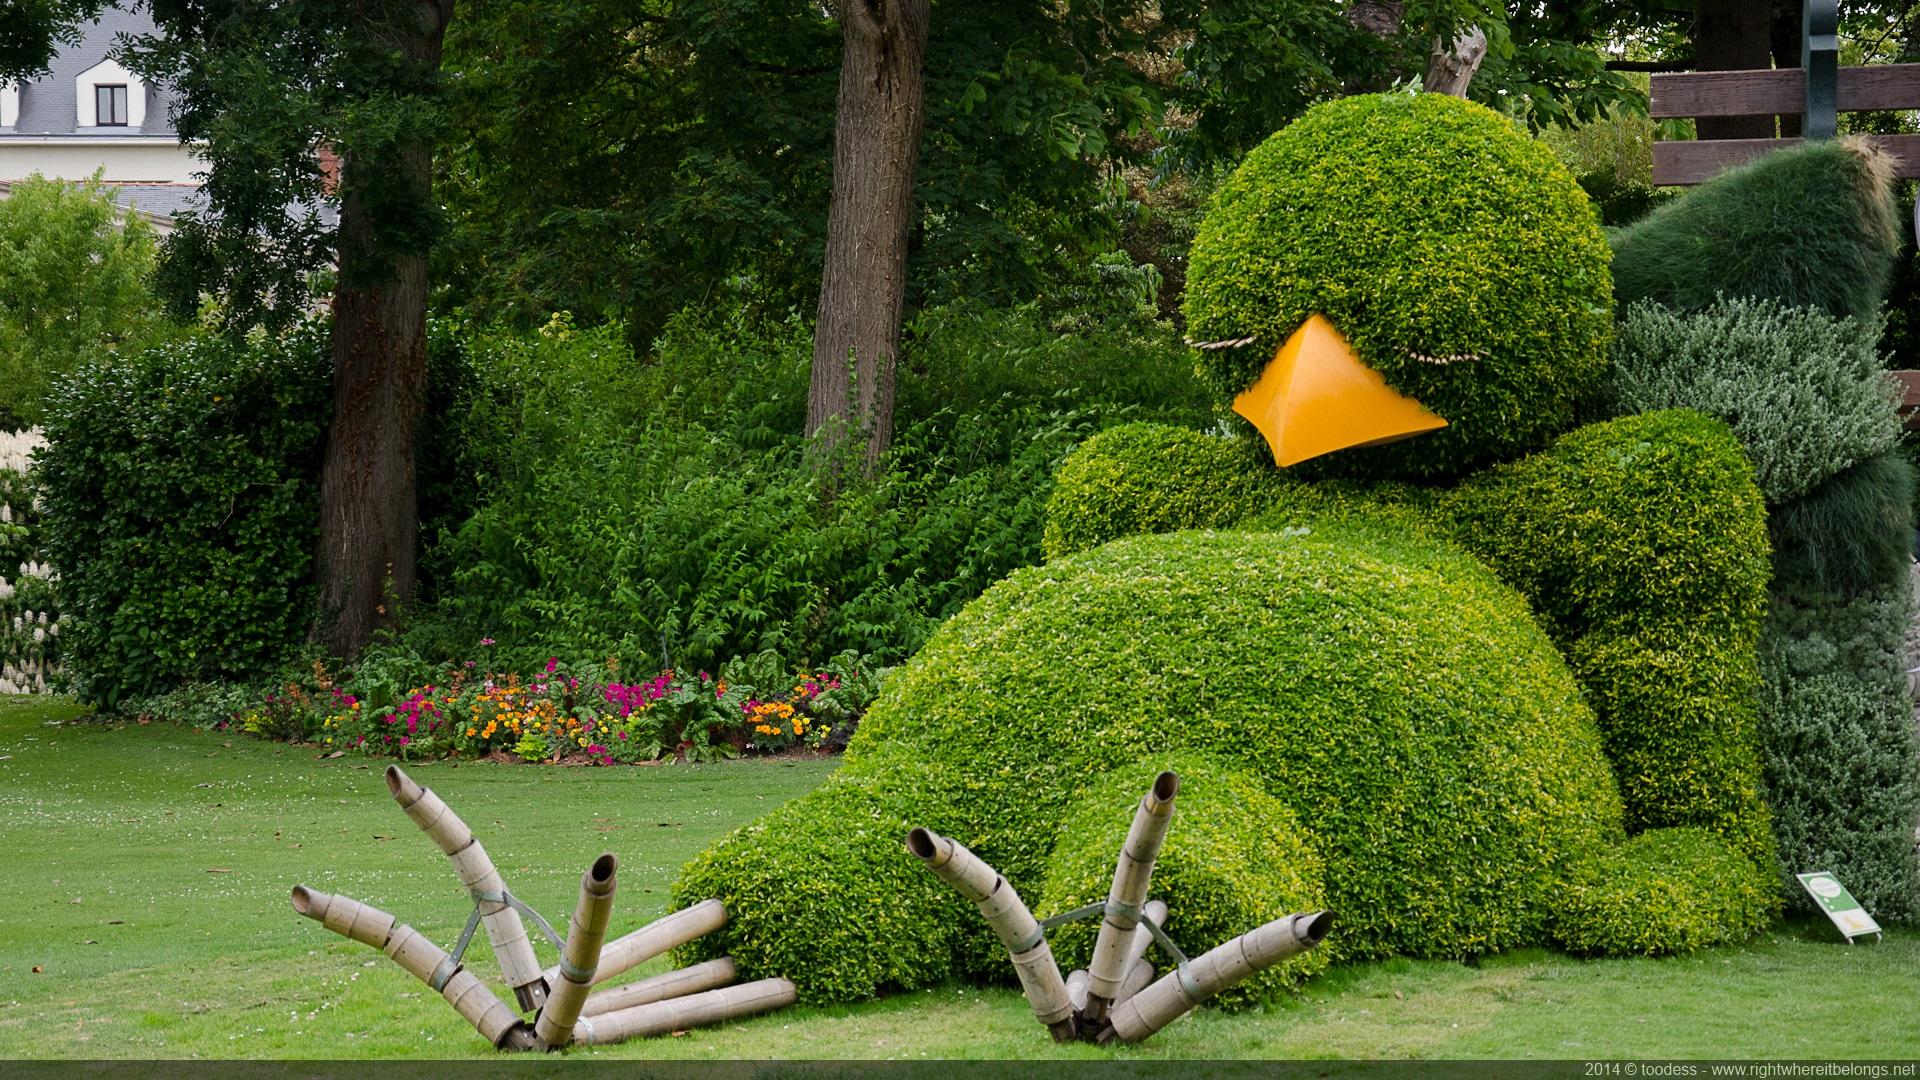 poussin-buis-nantes-jardin-plante-02 - La boite verte